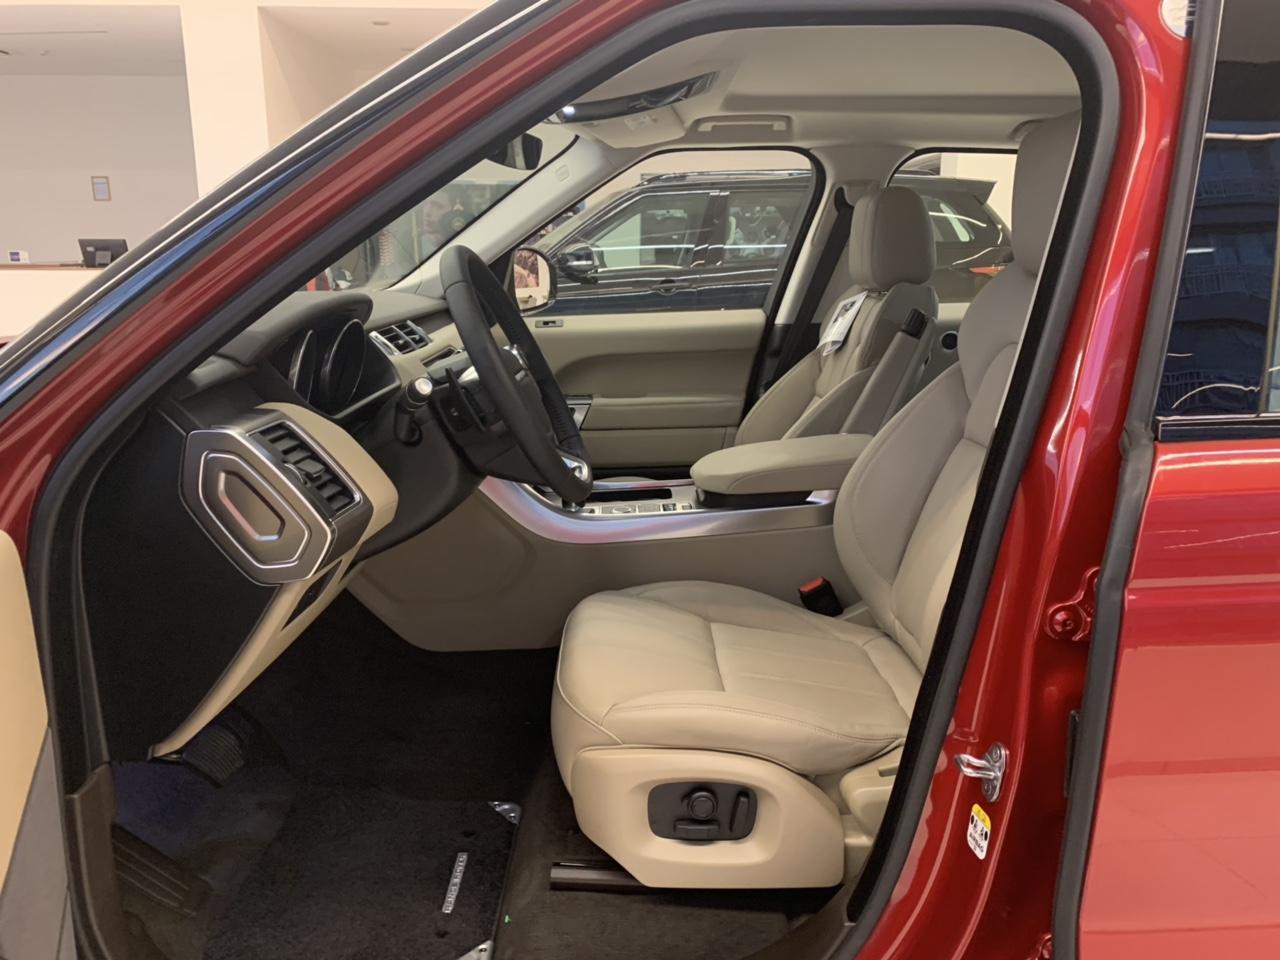 Range Rover Sport HSE Màu Đỏ Sản Xuất Tại Nước Anh Bao Nhiêu Tiên Khi Vè Viẹt Nam, Range Rover Mẫu Nào đẹp nhất, Xe 5 chỗ và 7 chỗ giá thấp nhất bao nhiêu tiền